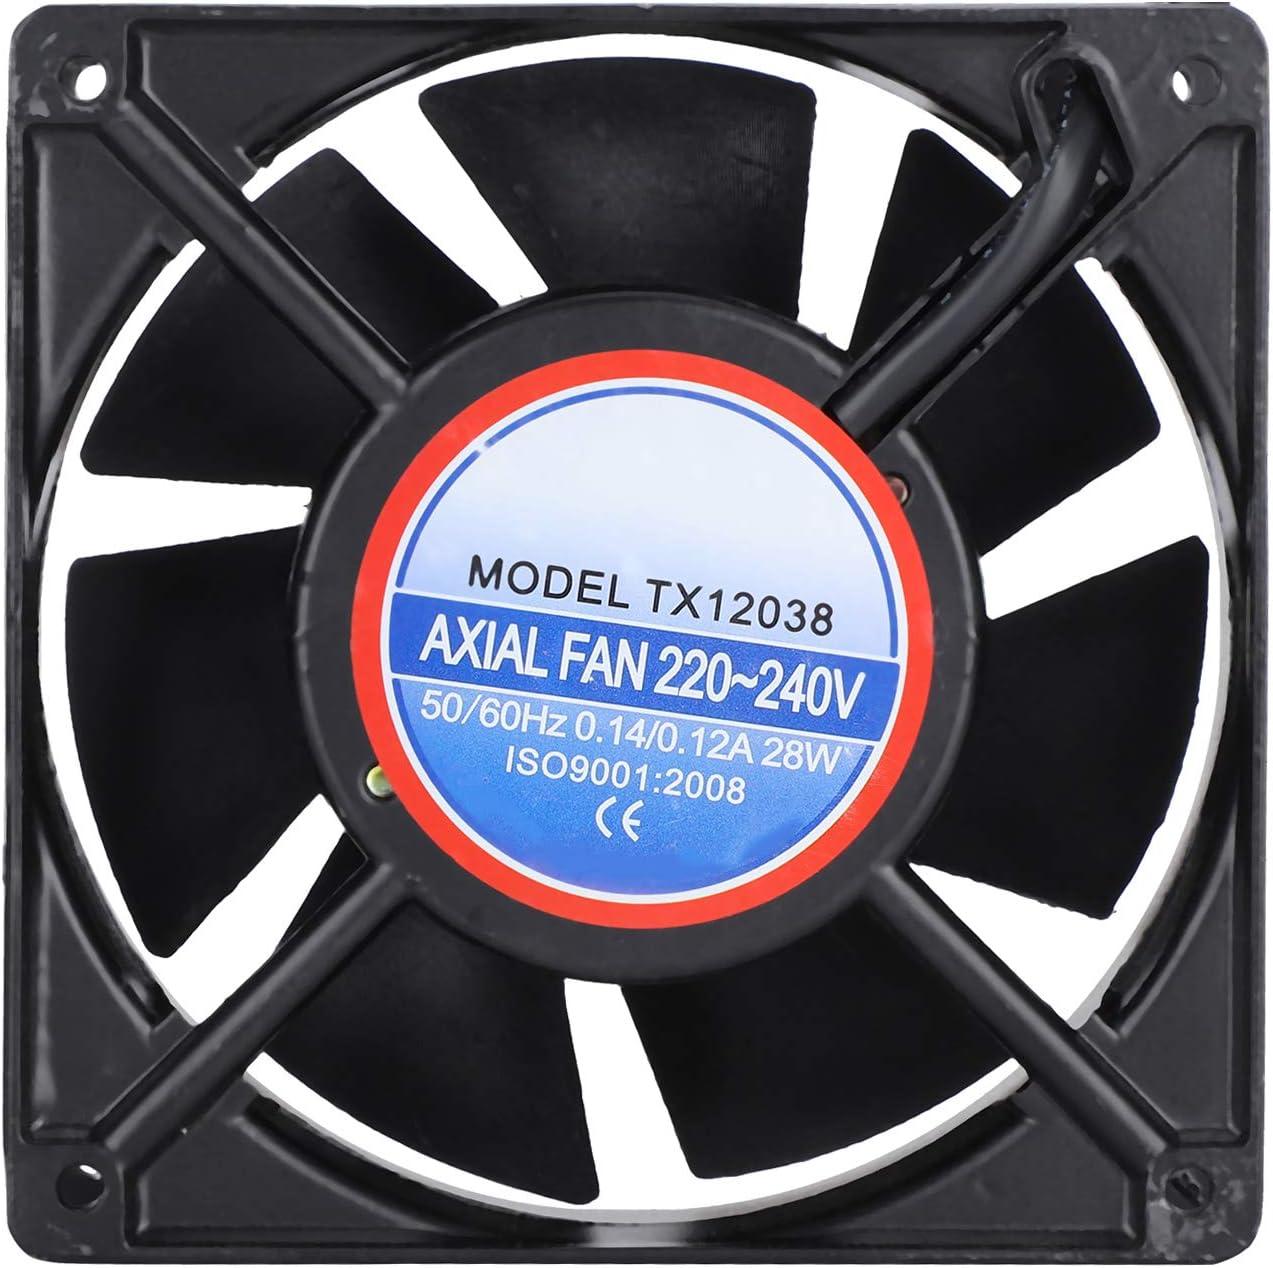 220-240V Ventilador de refrigeración silencioso Kit de ventilador de incubadora Kit de ventilador de incubadora de aire forzado Proyectos de escape de ventilación para Incutator(Abanico negro)